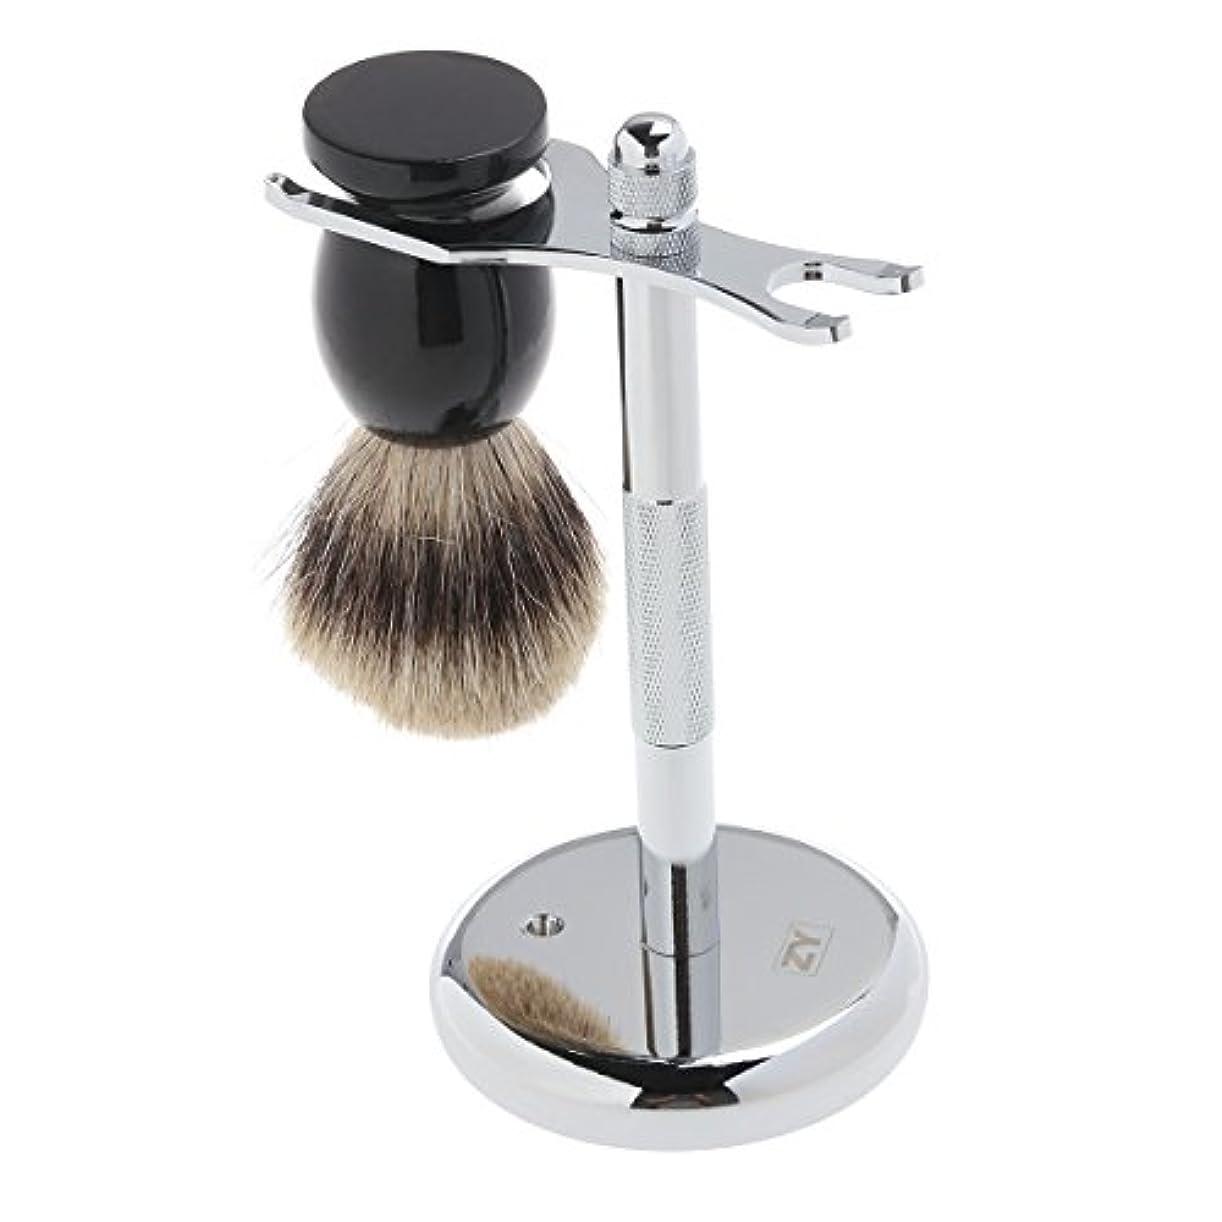 歯割り込み意義ROSENICE アナグマ毛 + シェービング ブラシ 2 個シェービング スタンド セット クロム スタンド木製ブラシ